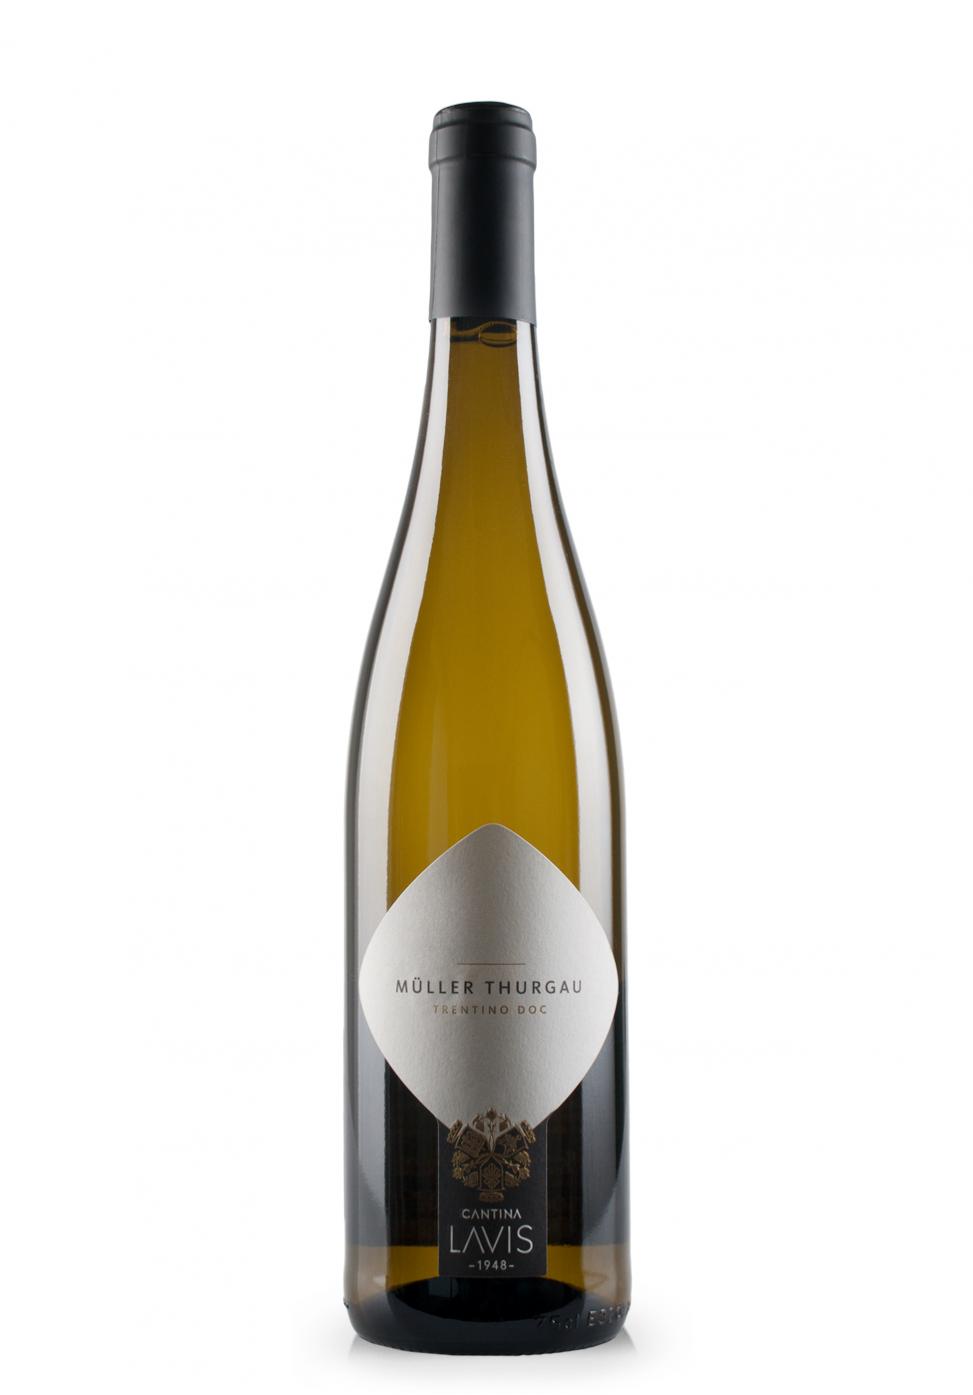 Vin Cantina La Vis, Trentino D.O.C., Muller Thurgau 2017 (0.75L)